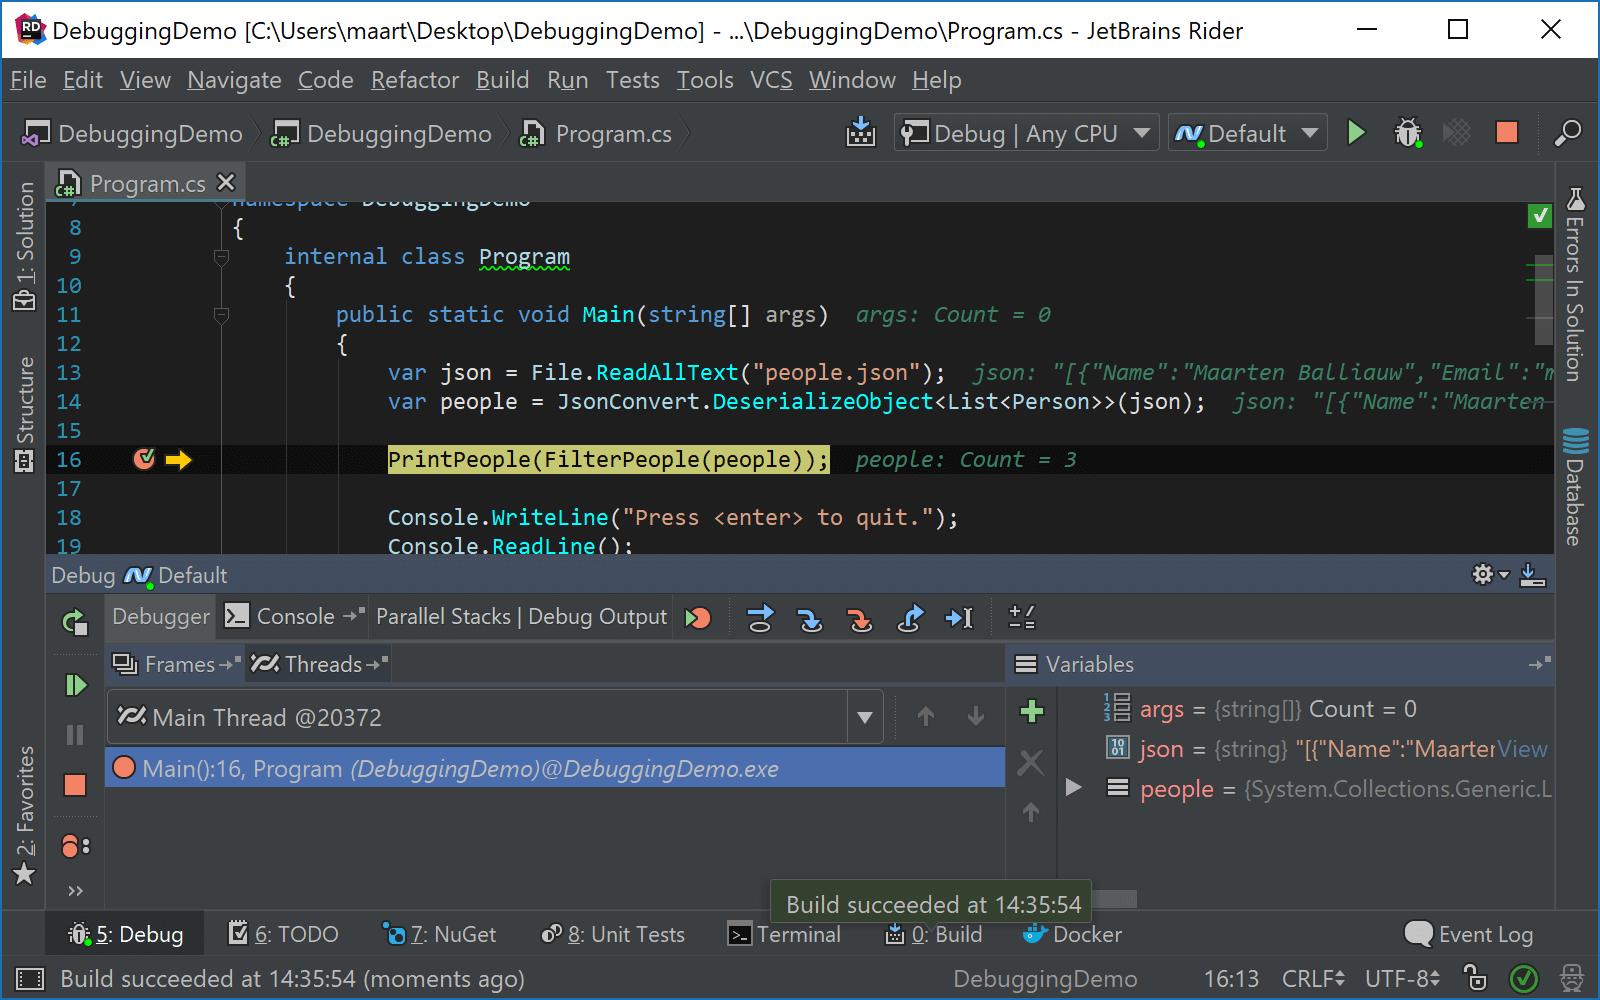 JetBrainsRider: Using Alt+Enter menu while debugging